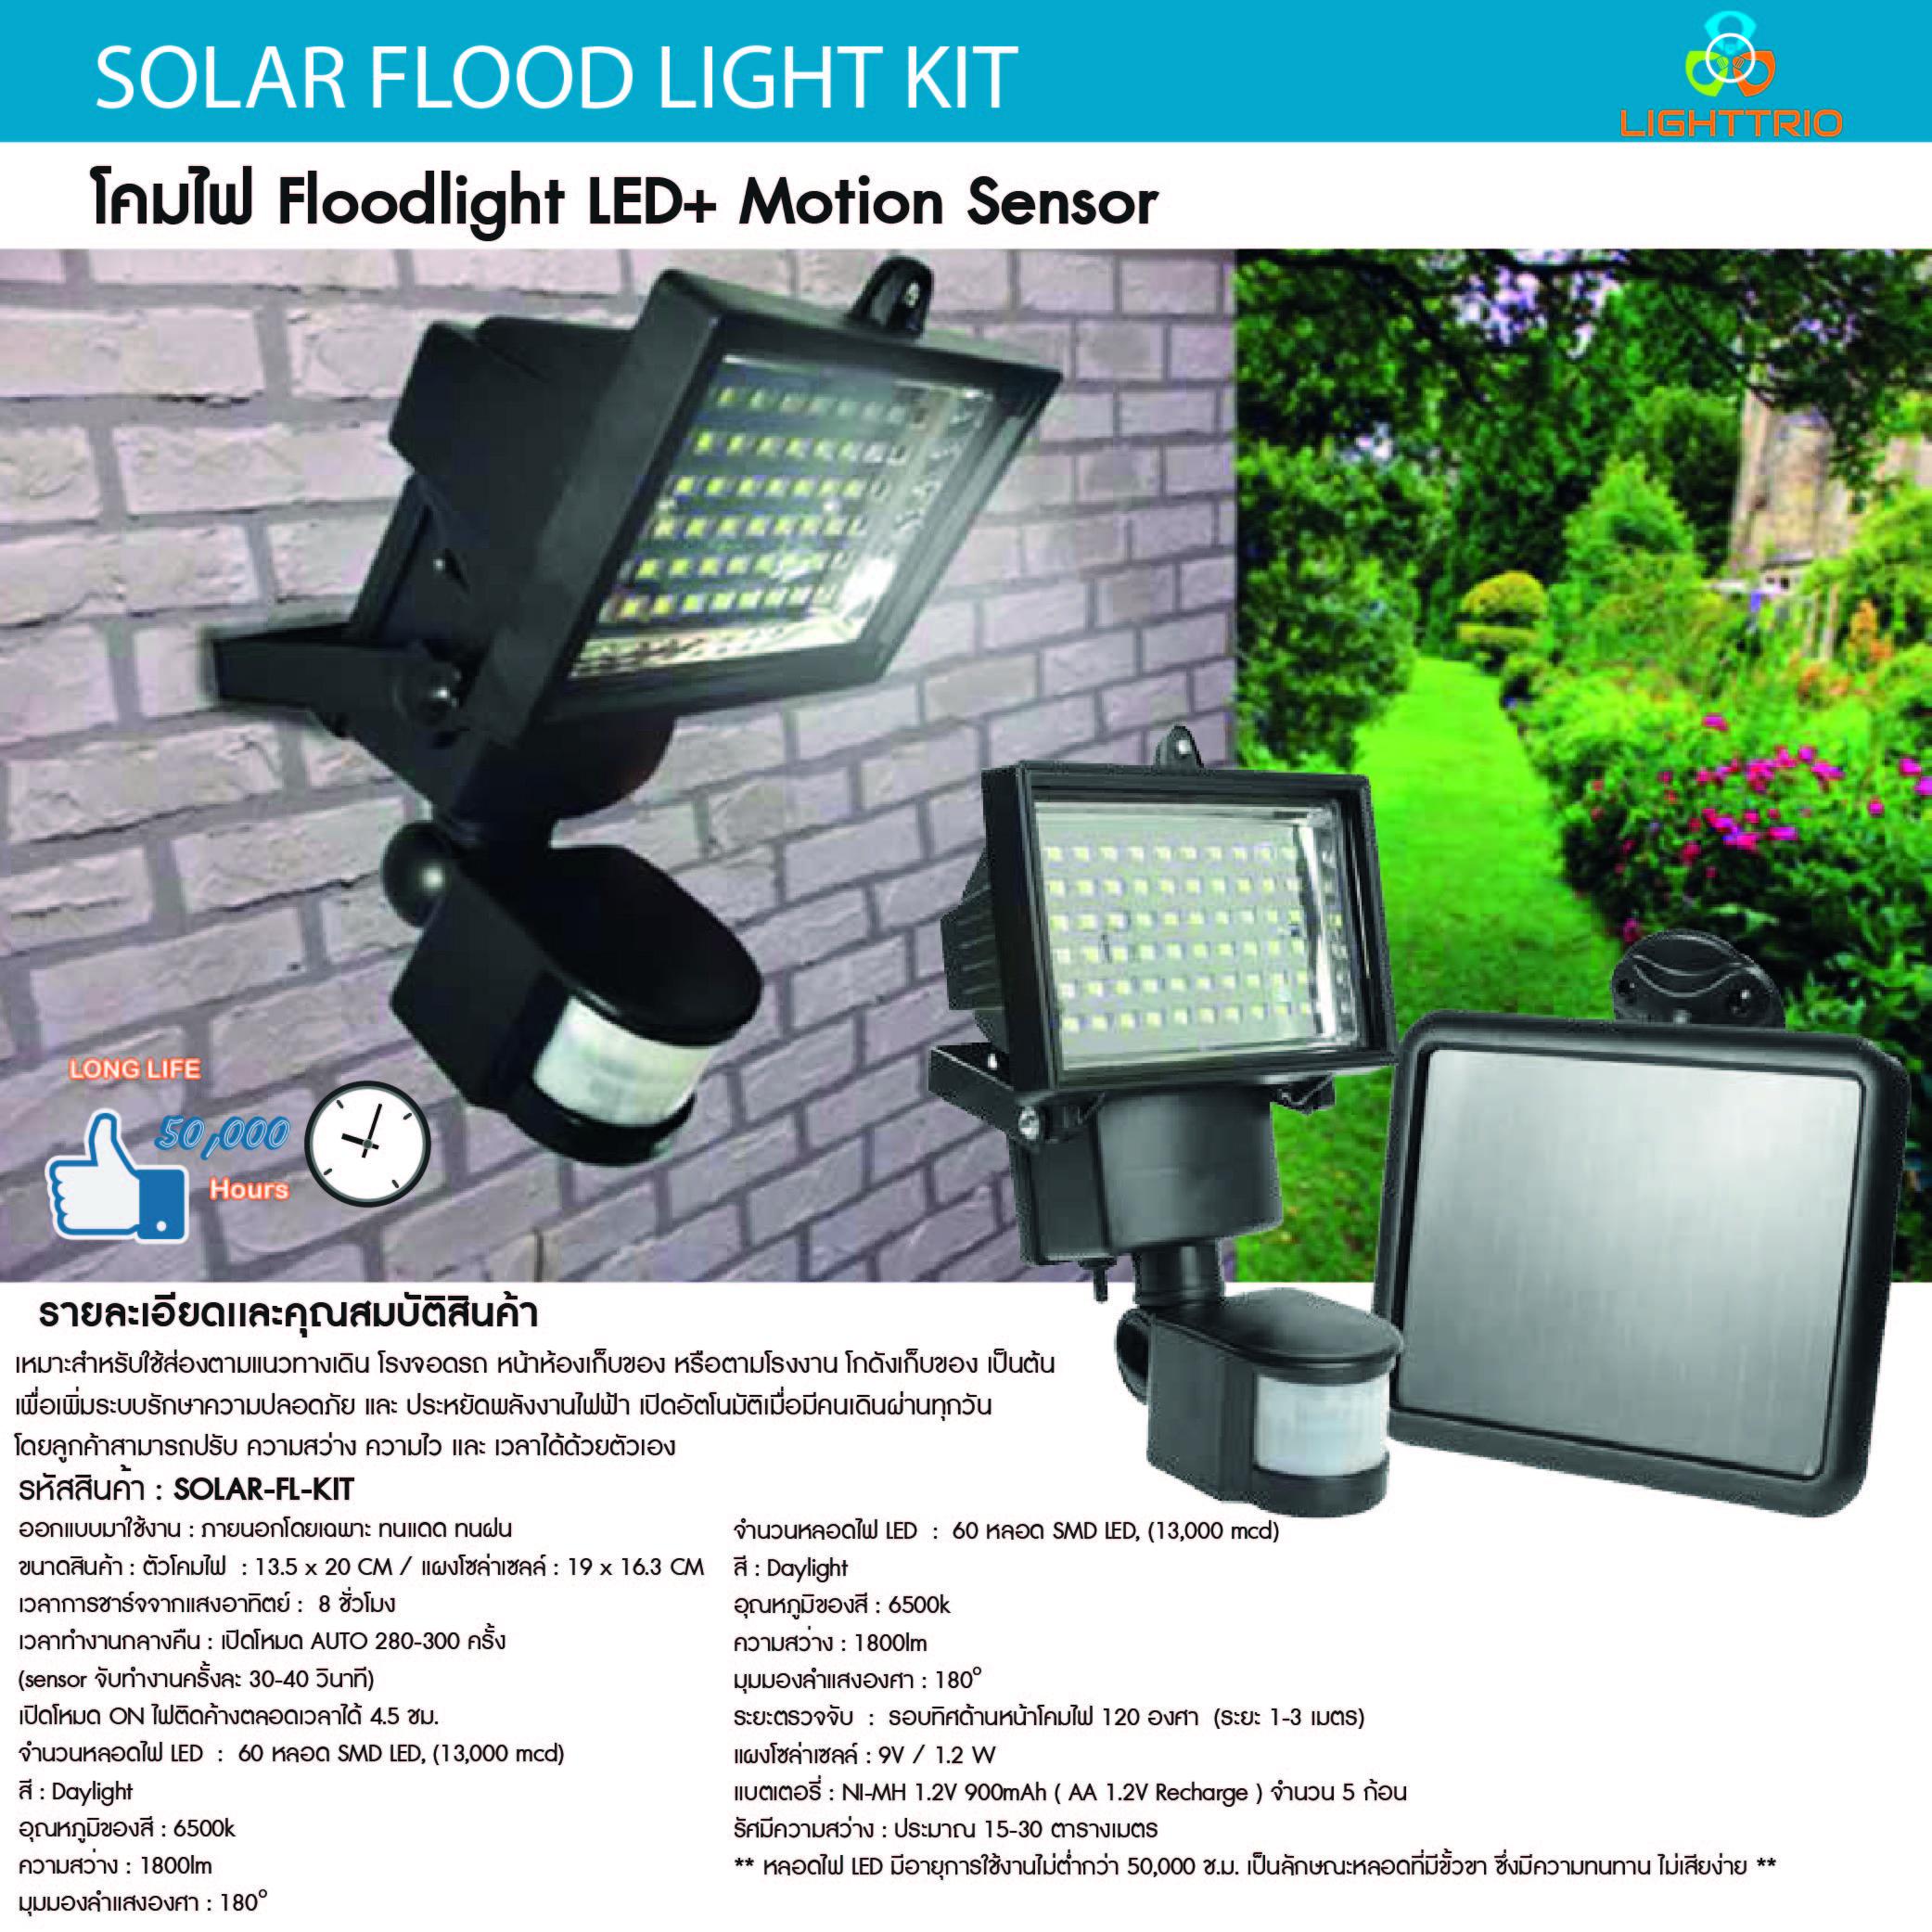 solar fl-01